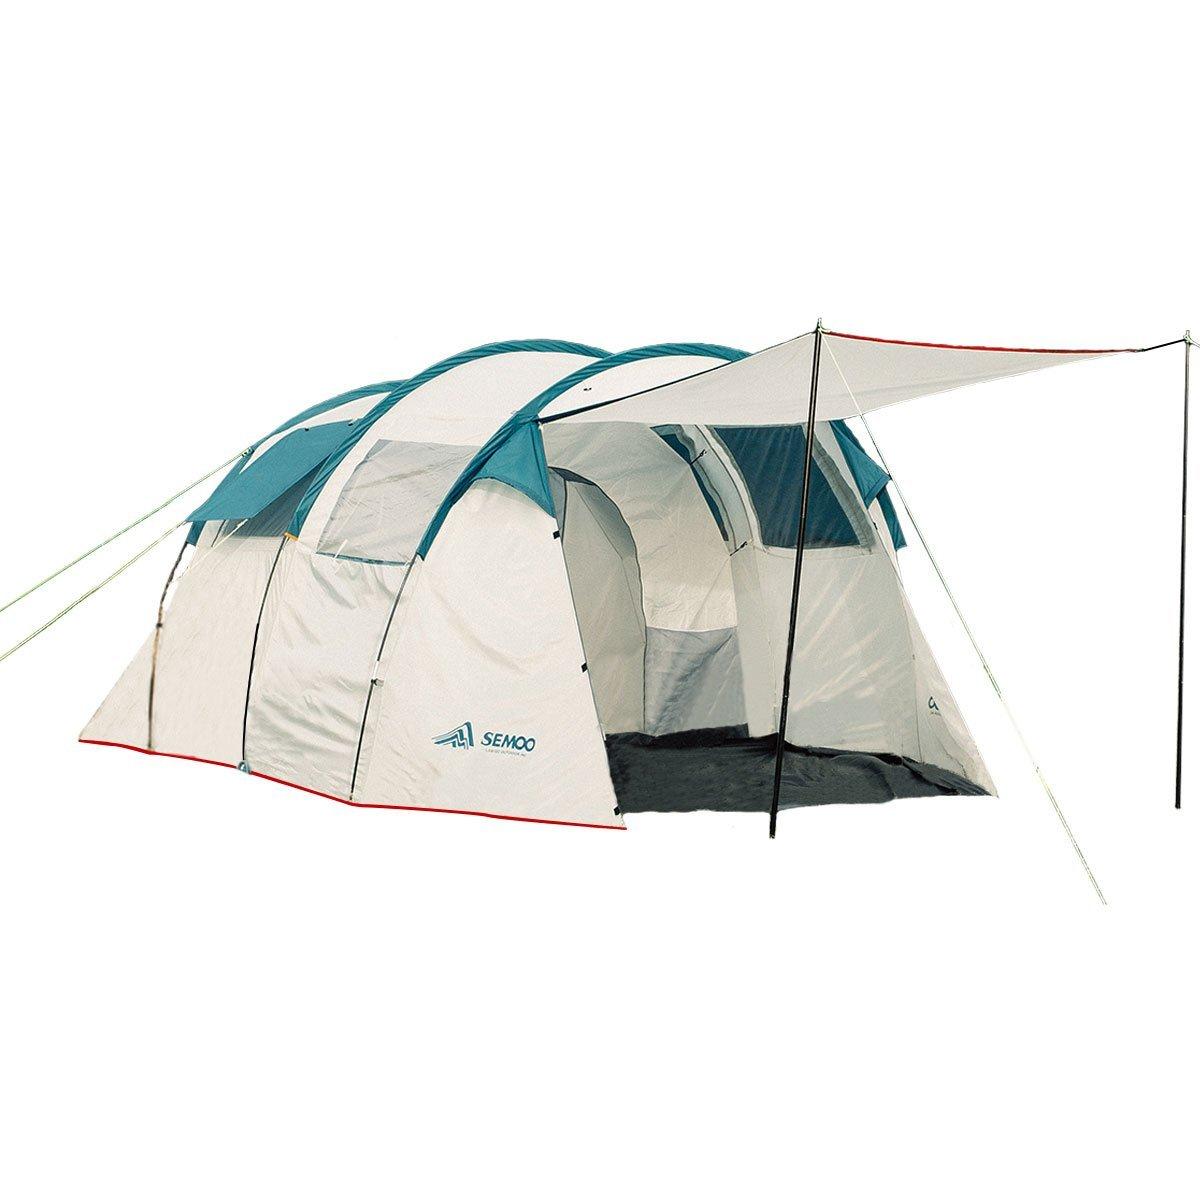 Semoo Tienda de campaña Resistente al Agua- con Dos cabinas para Dormir- 220 cm de Altura- para de 5 a 6 Personas, de Color Gris y Blanco, para familias, IR de Camping o de Viaje